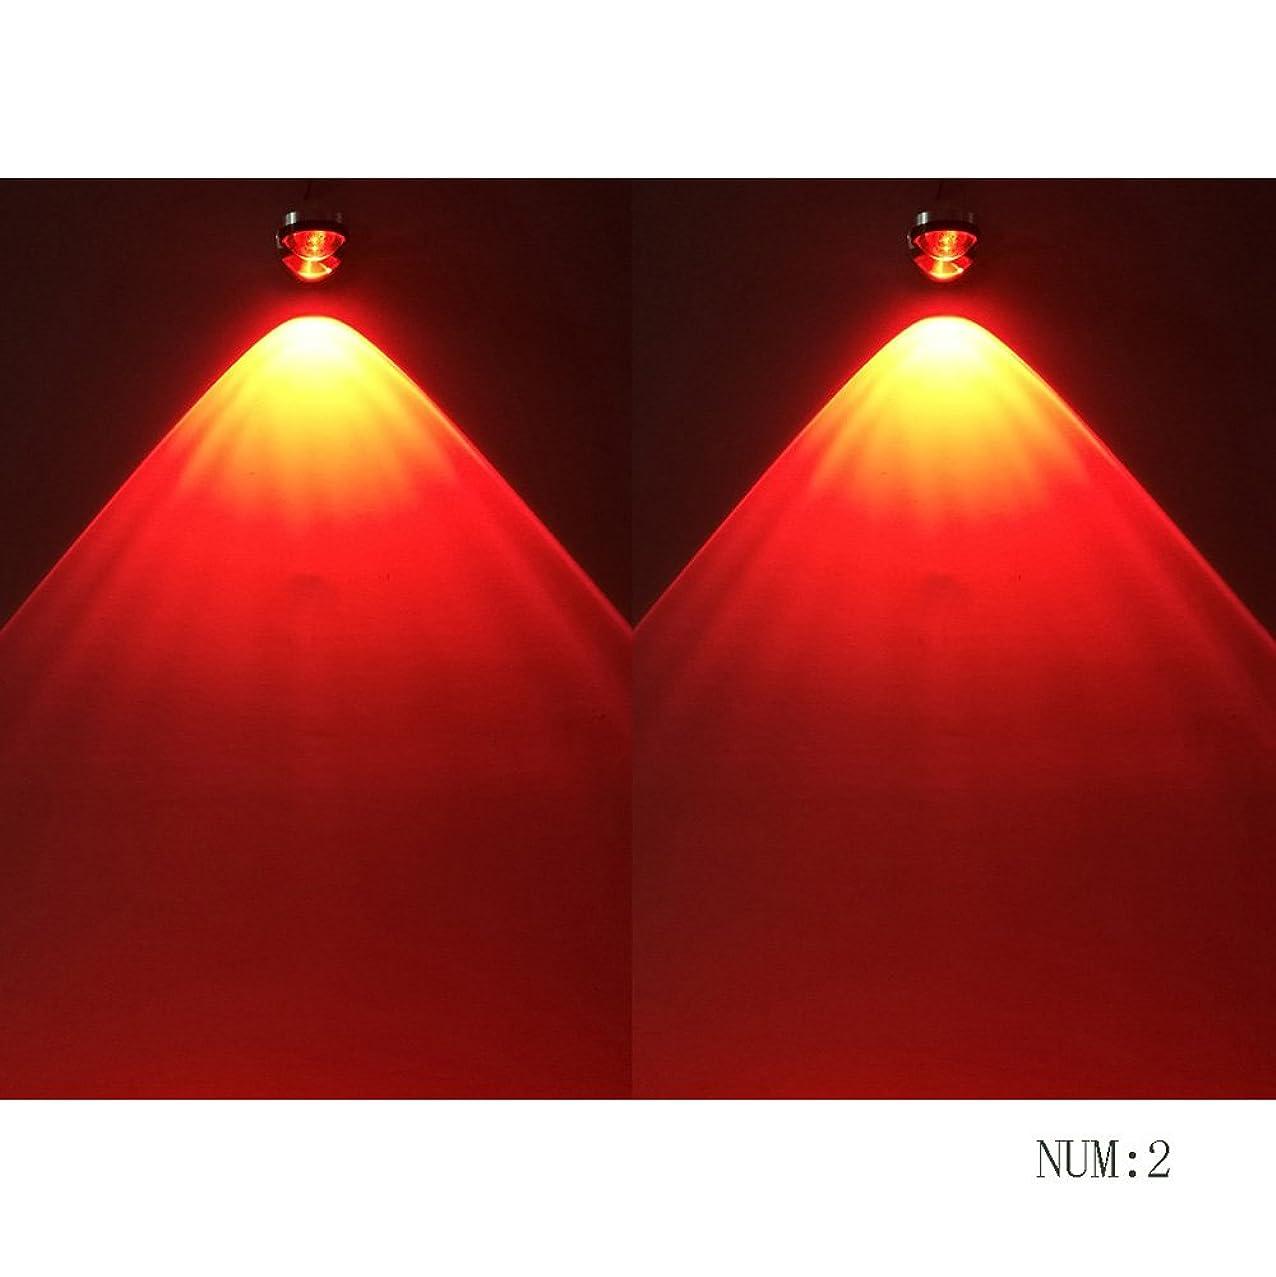 失効引き付ける鋭くラオハオ 360°回転可能な3W LEDミニステンレススチールウォールランプクリエイティブマルチカラースポットライトバーKTVの背景レストランの雰囲気7色オプションの壁取り付け用燭台、2 /リビングルーム寝室廊下用のパッケージ ウォールウォッシャー (Color : Red)